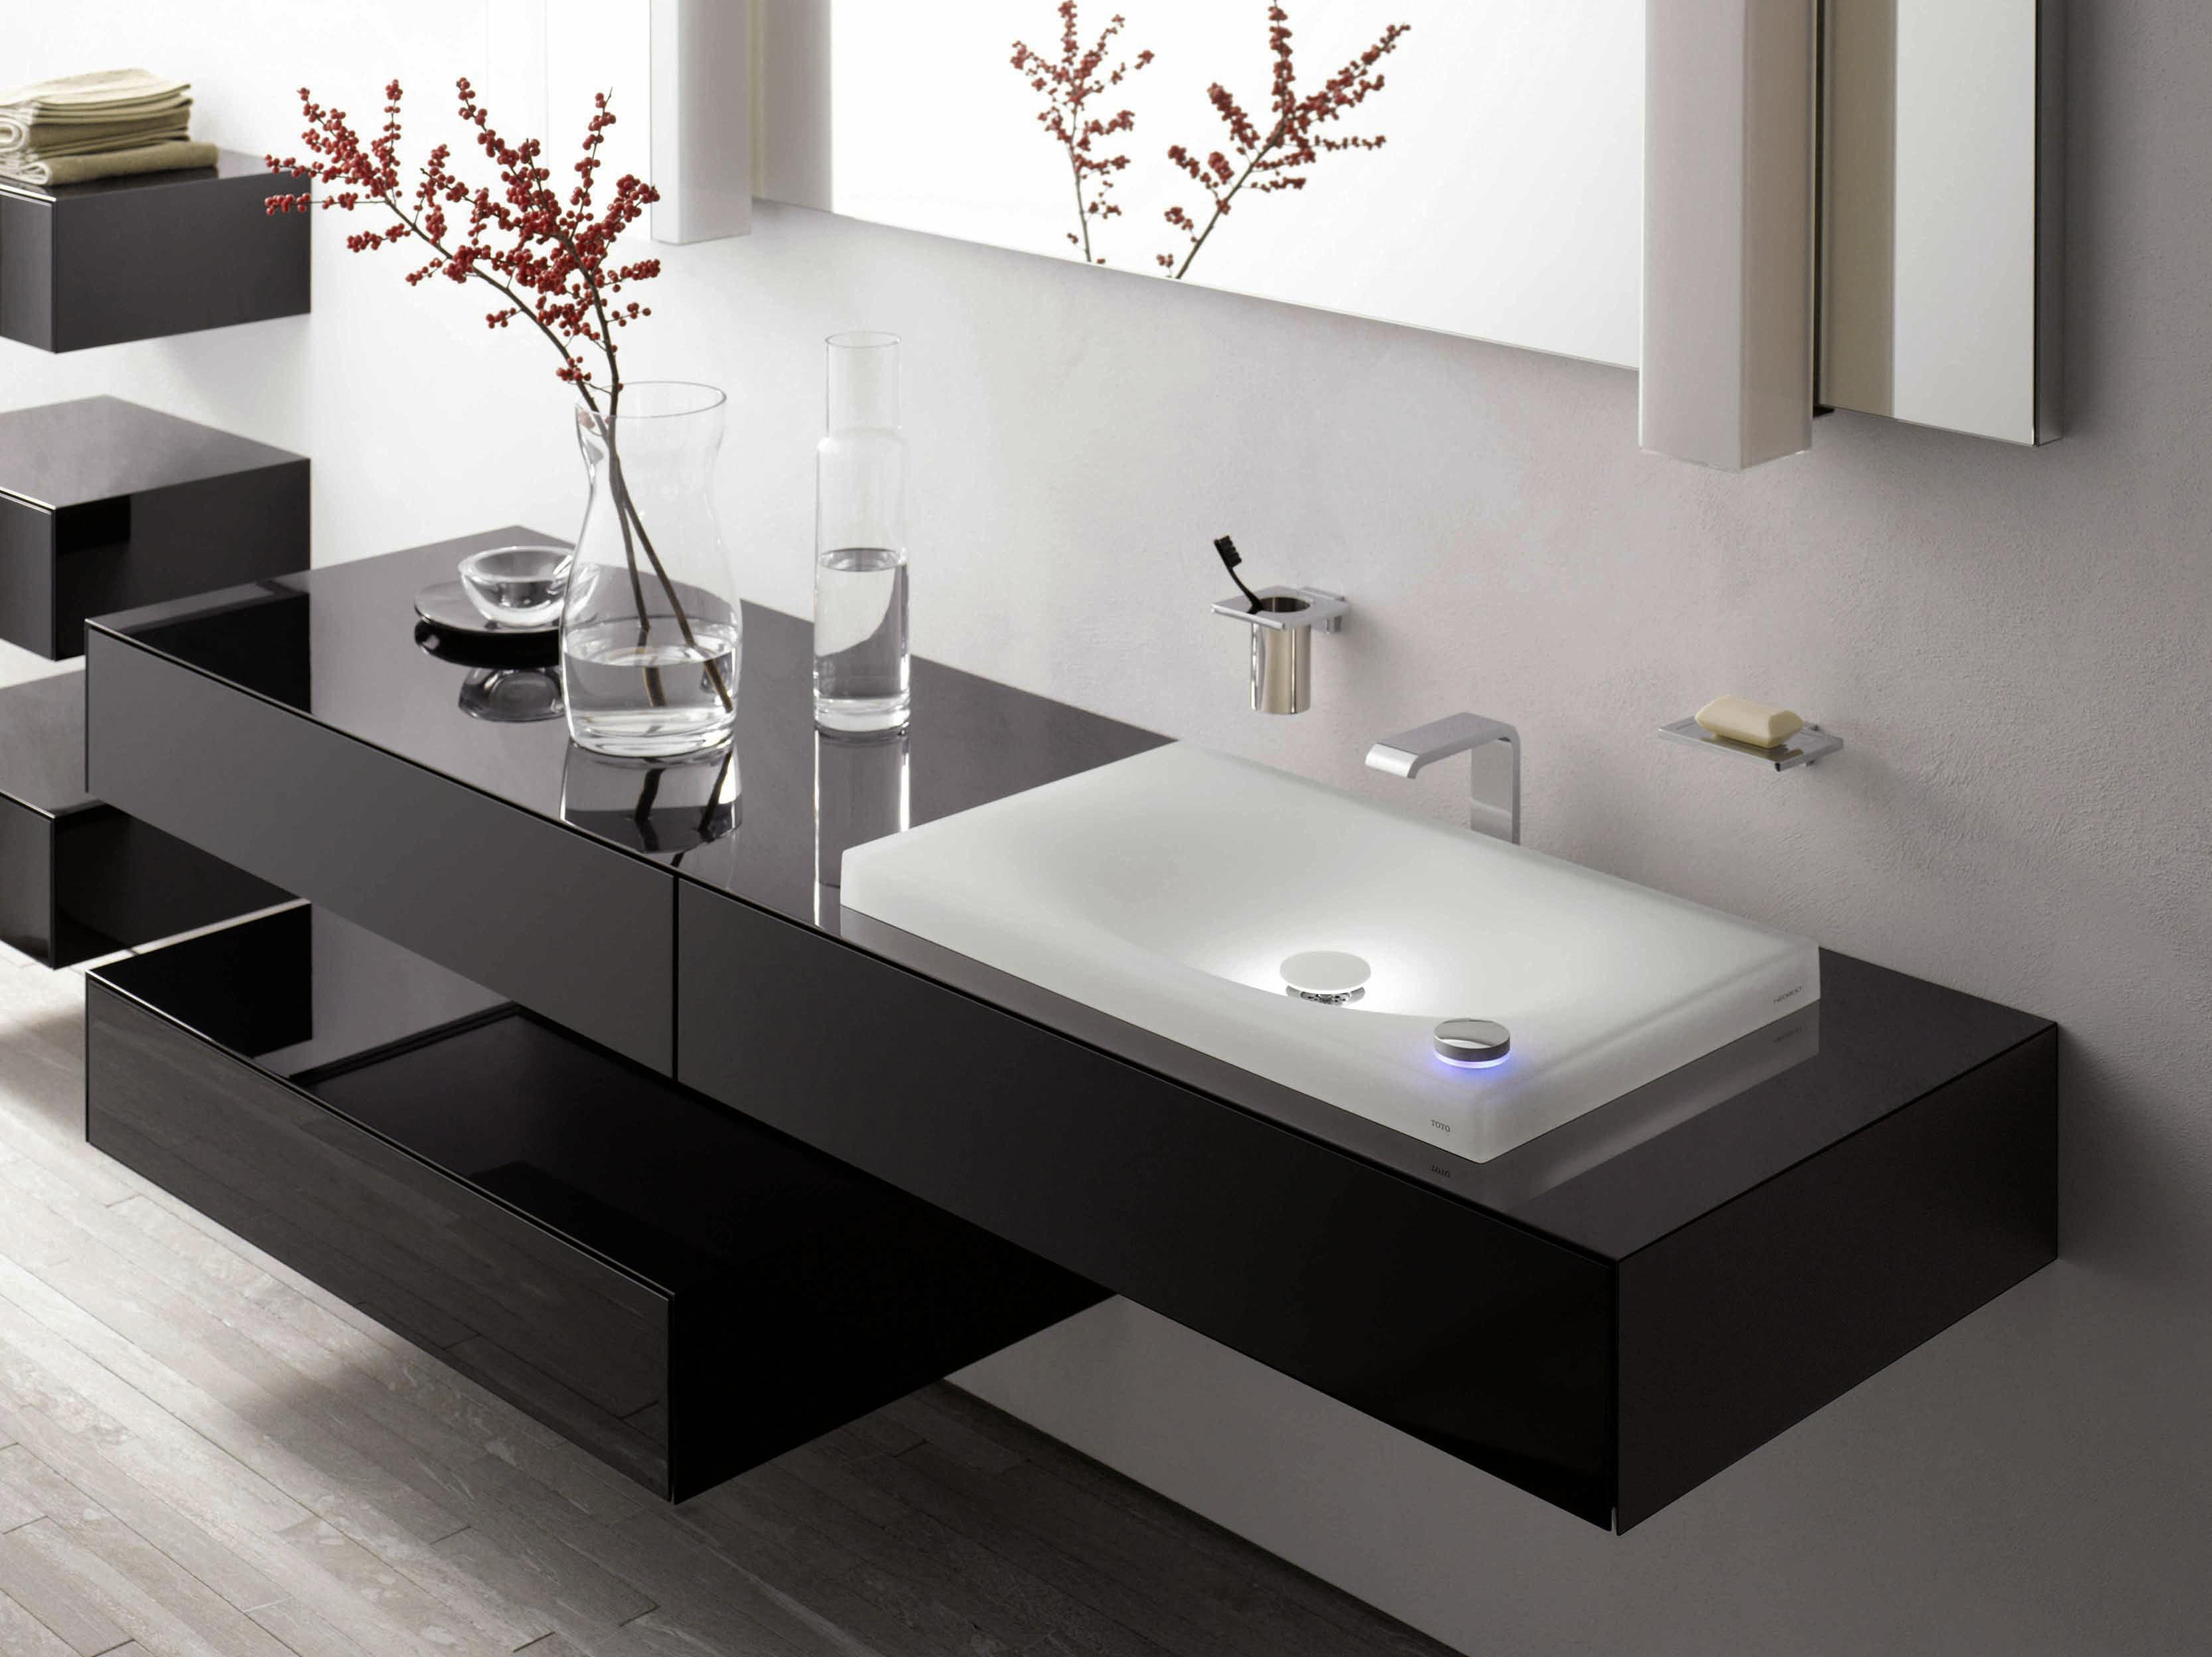 Toto Badmöbel   Moderne badezimmer waschbecken, Badezimmer ...